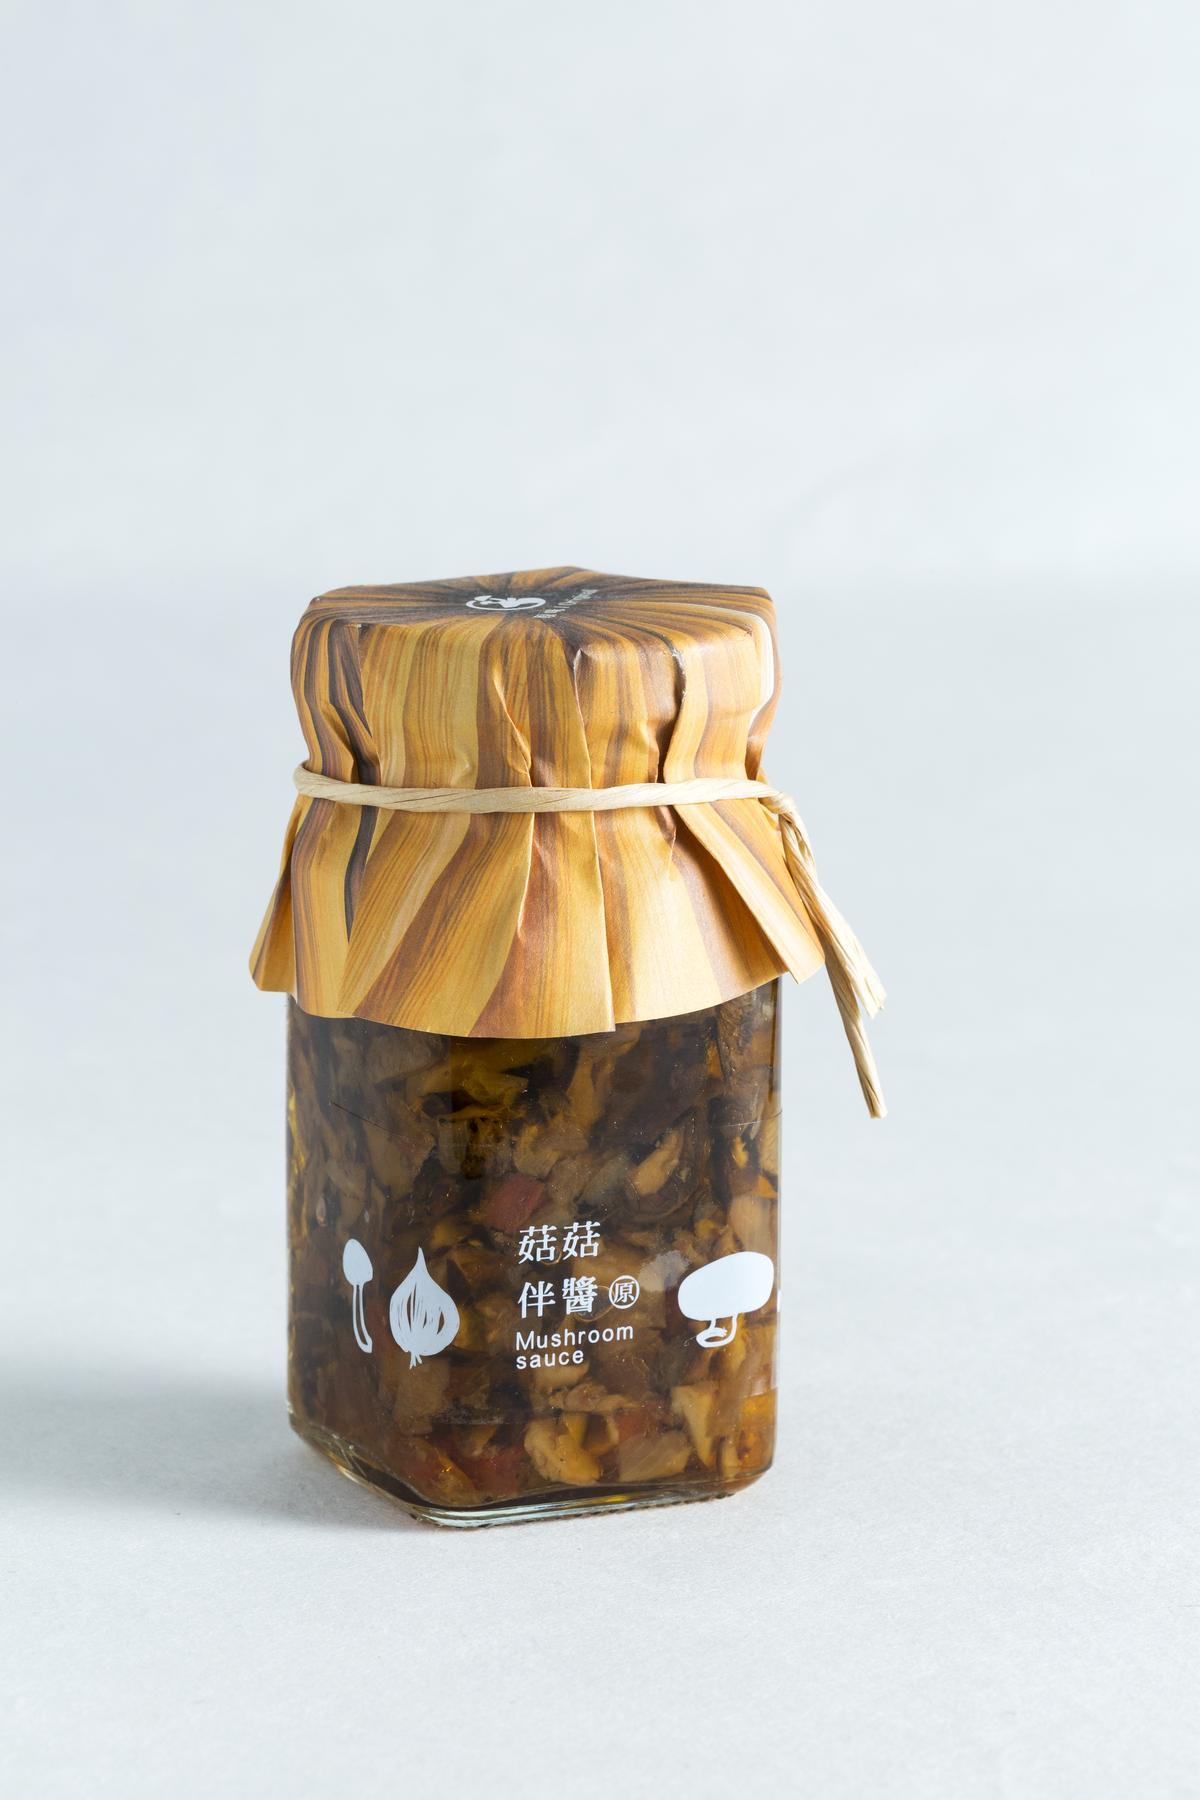 菇菇伴醬。(鹿窯菇事,250元/瓶)